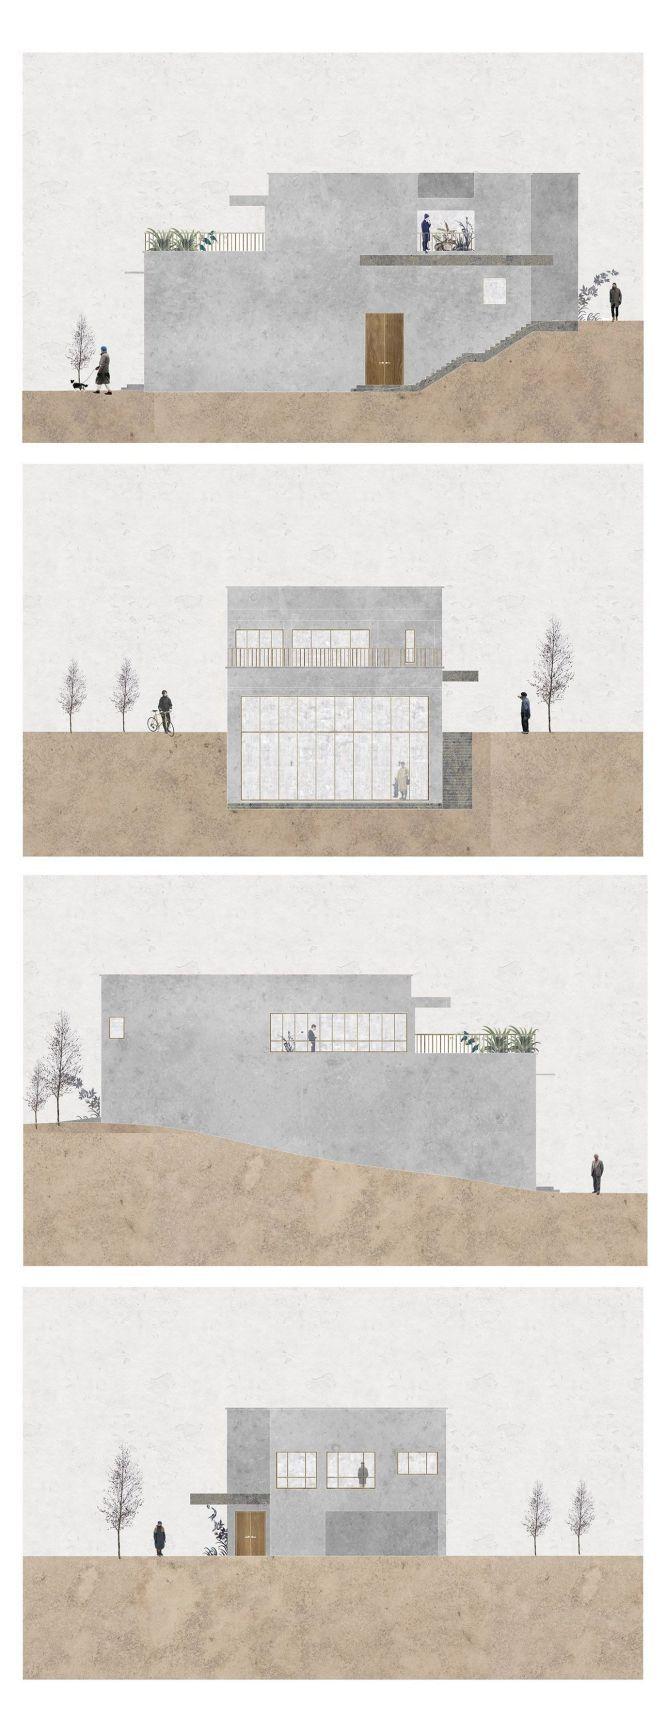 10 creative ways architectural collage #collageboard